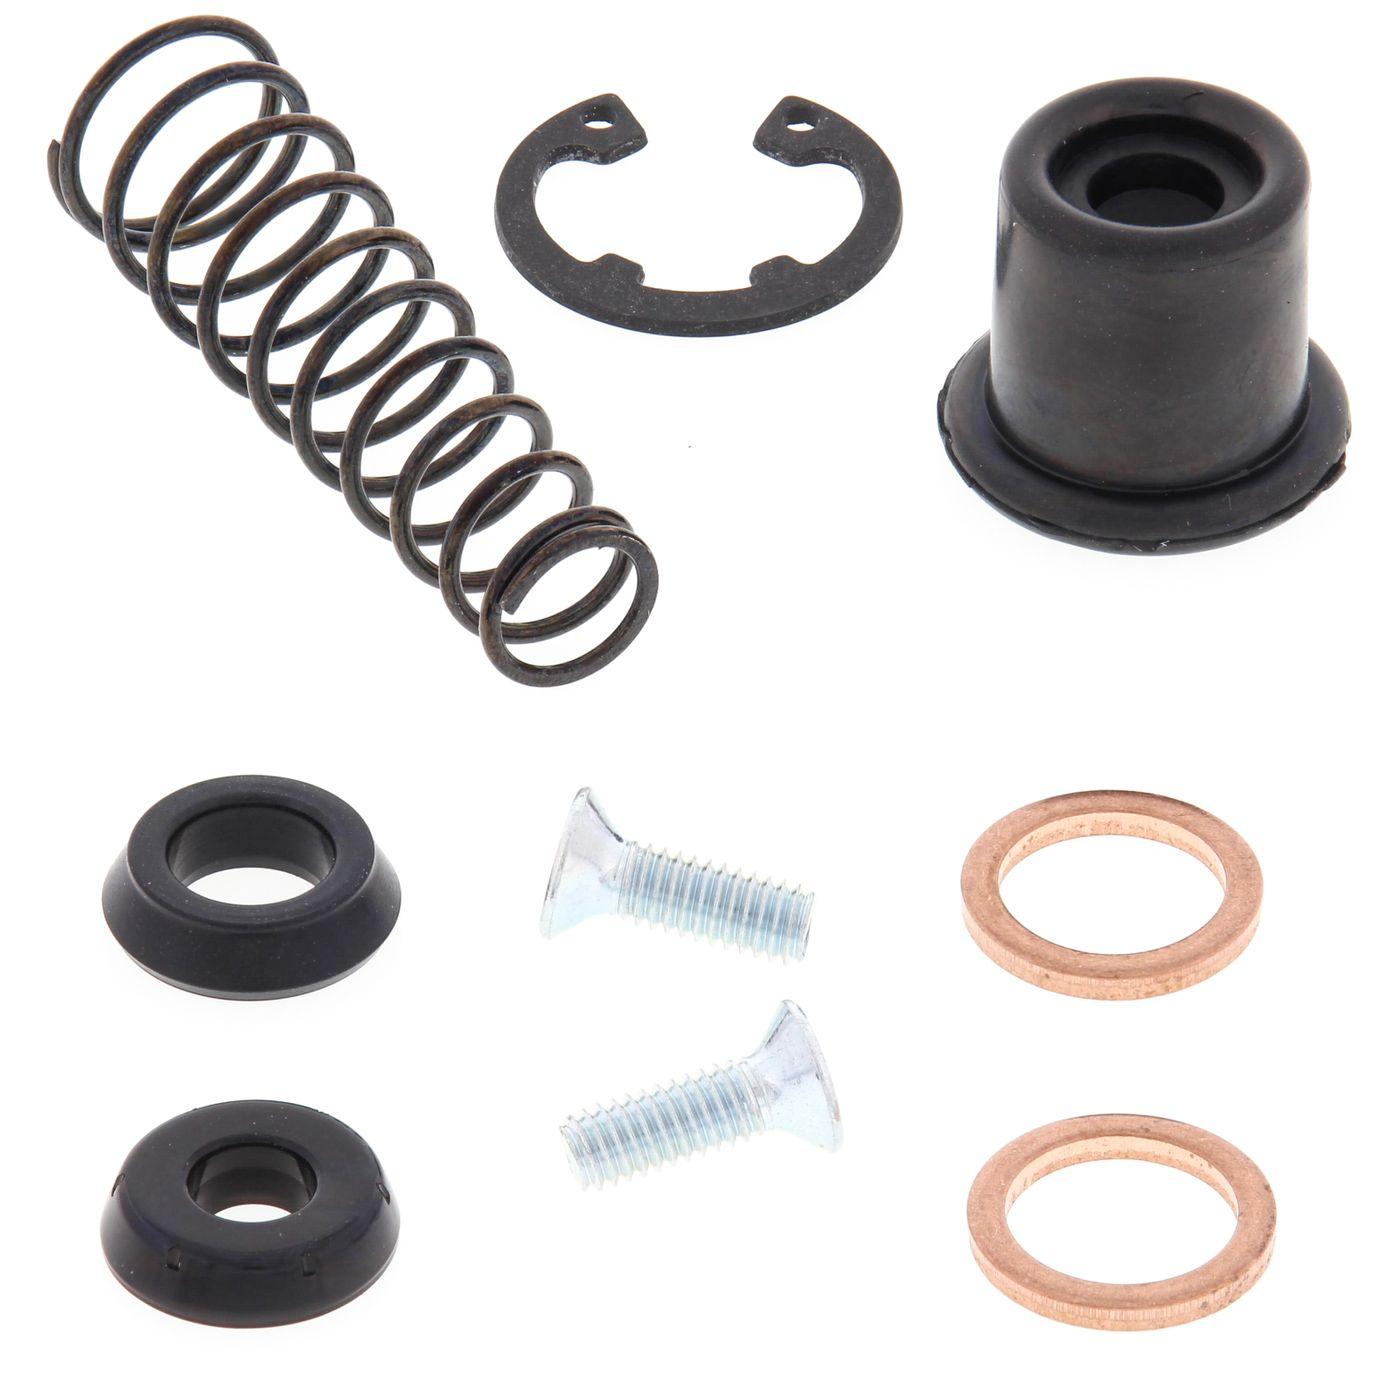 Wrp Master Cylinder Repair Kit - WRP181004 image